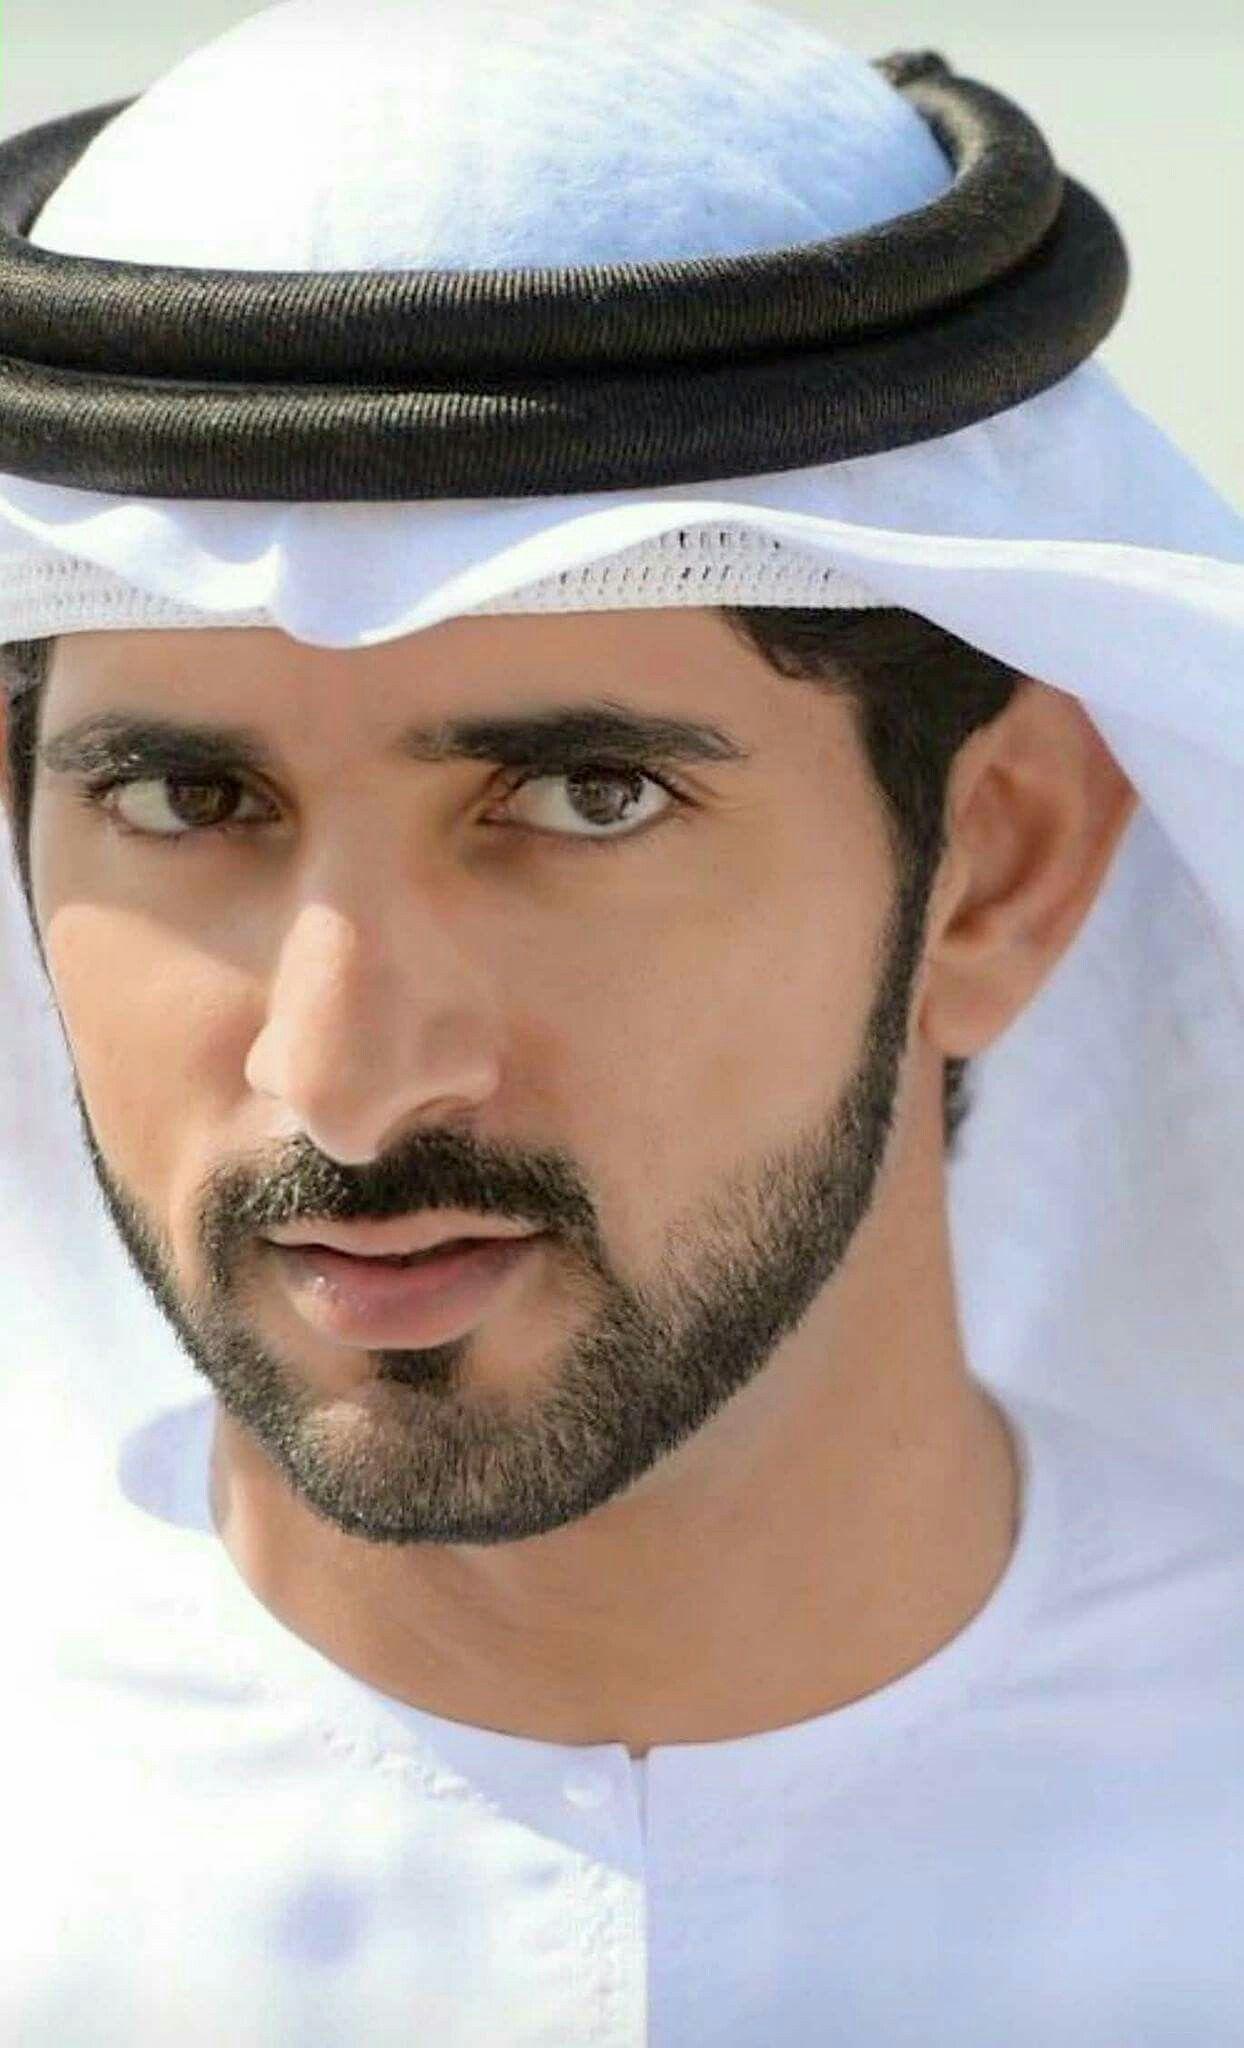 The Crown Prince Of Dubai Hh Sheikh Hamdan Bin Mohammed Bin Rashid